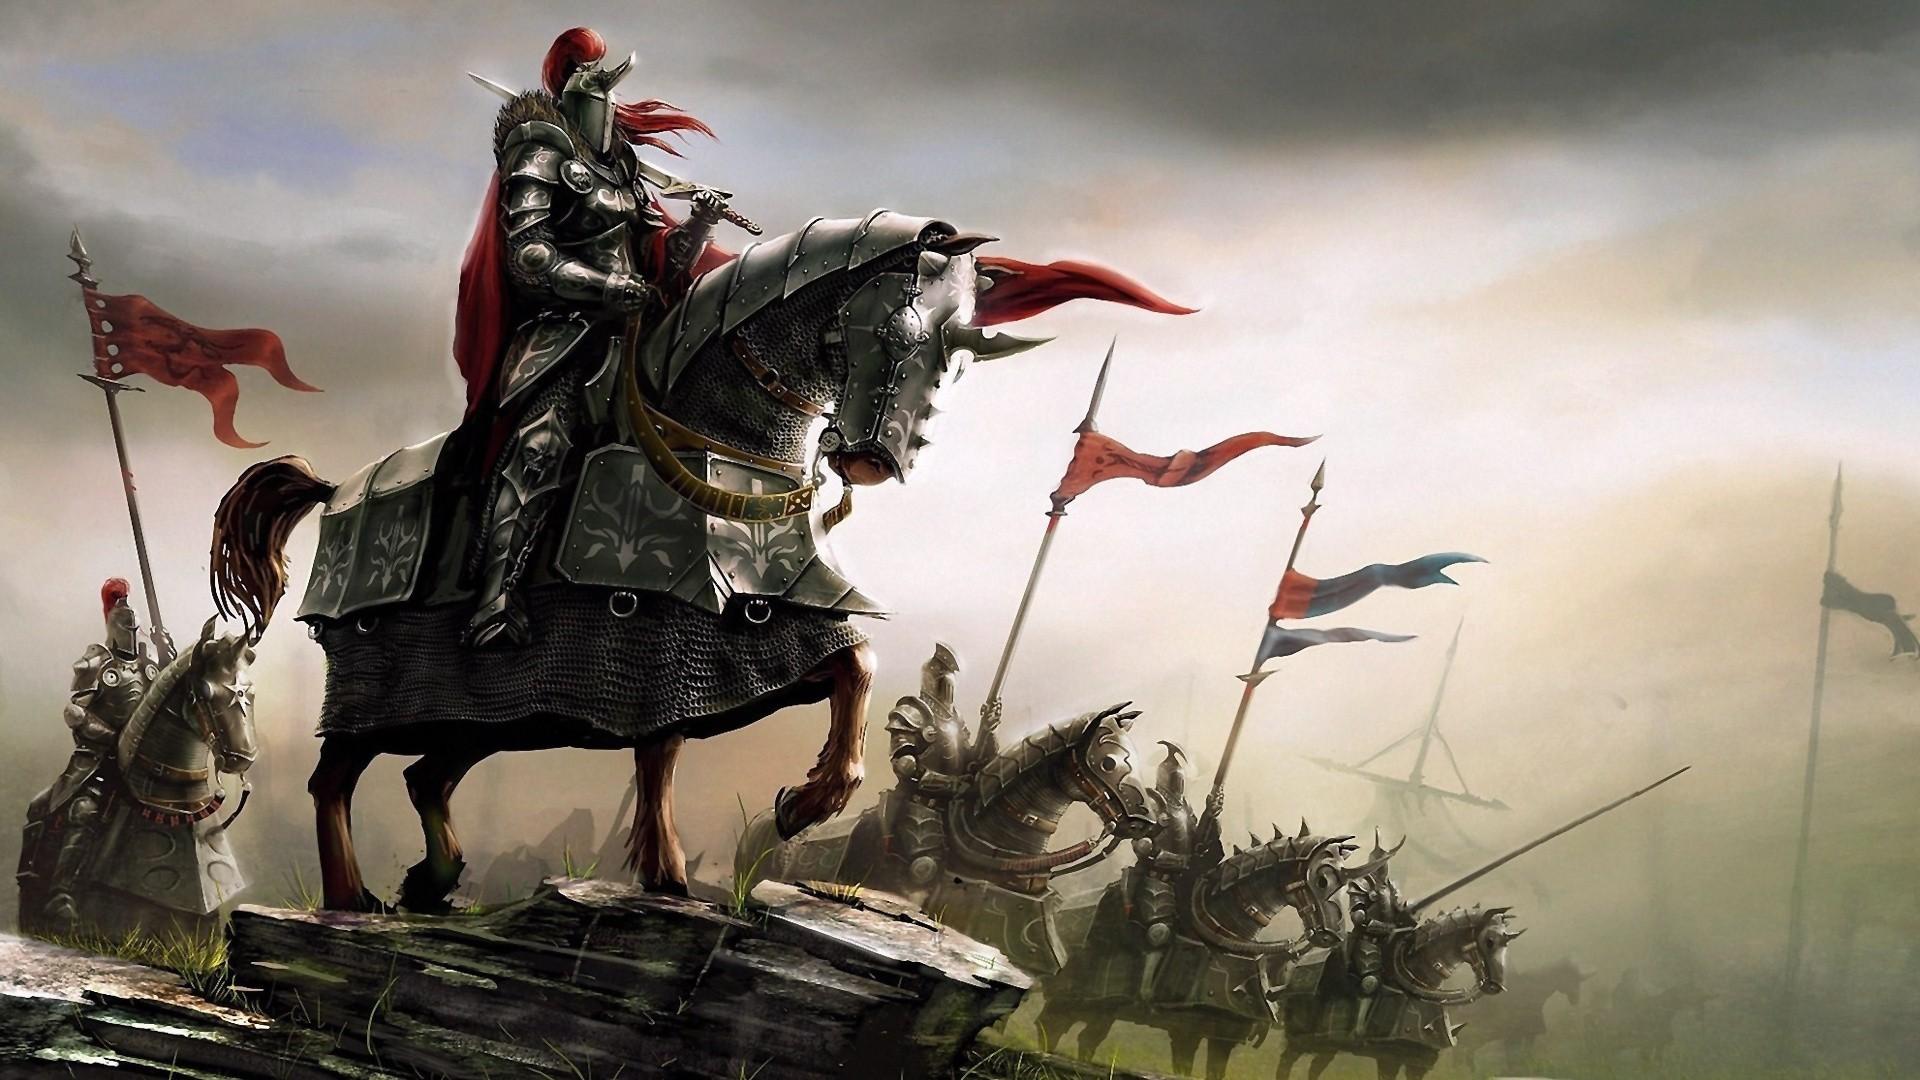 hd wallpapers crusader knights - photo #10